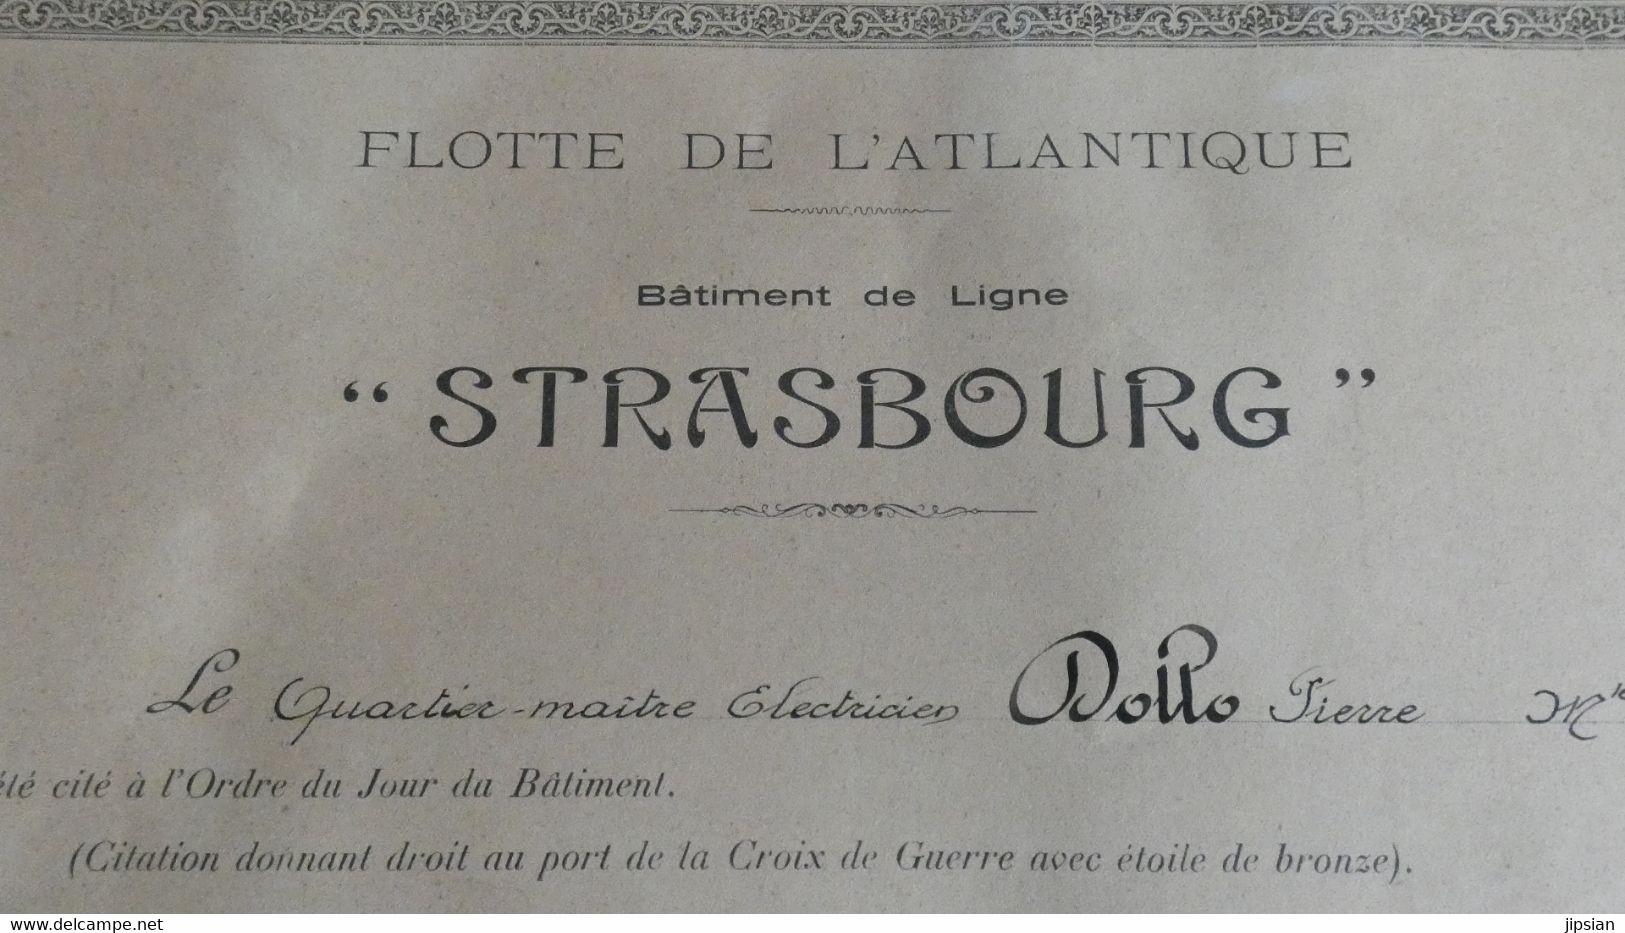 Citation Quartier Maître à Bord Bâtiment De Ligne Strasbourg Flotte De L' Atlantique Combat Mers El Kébir En1940 KX - Historische Dokumente